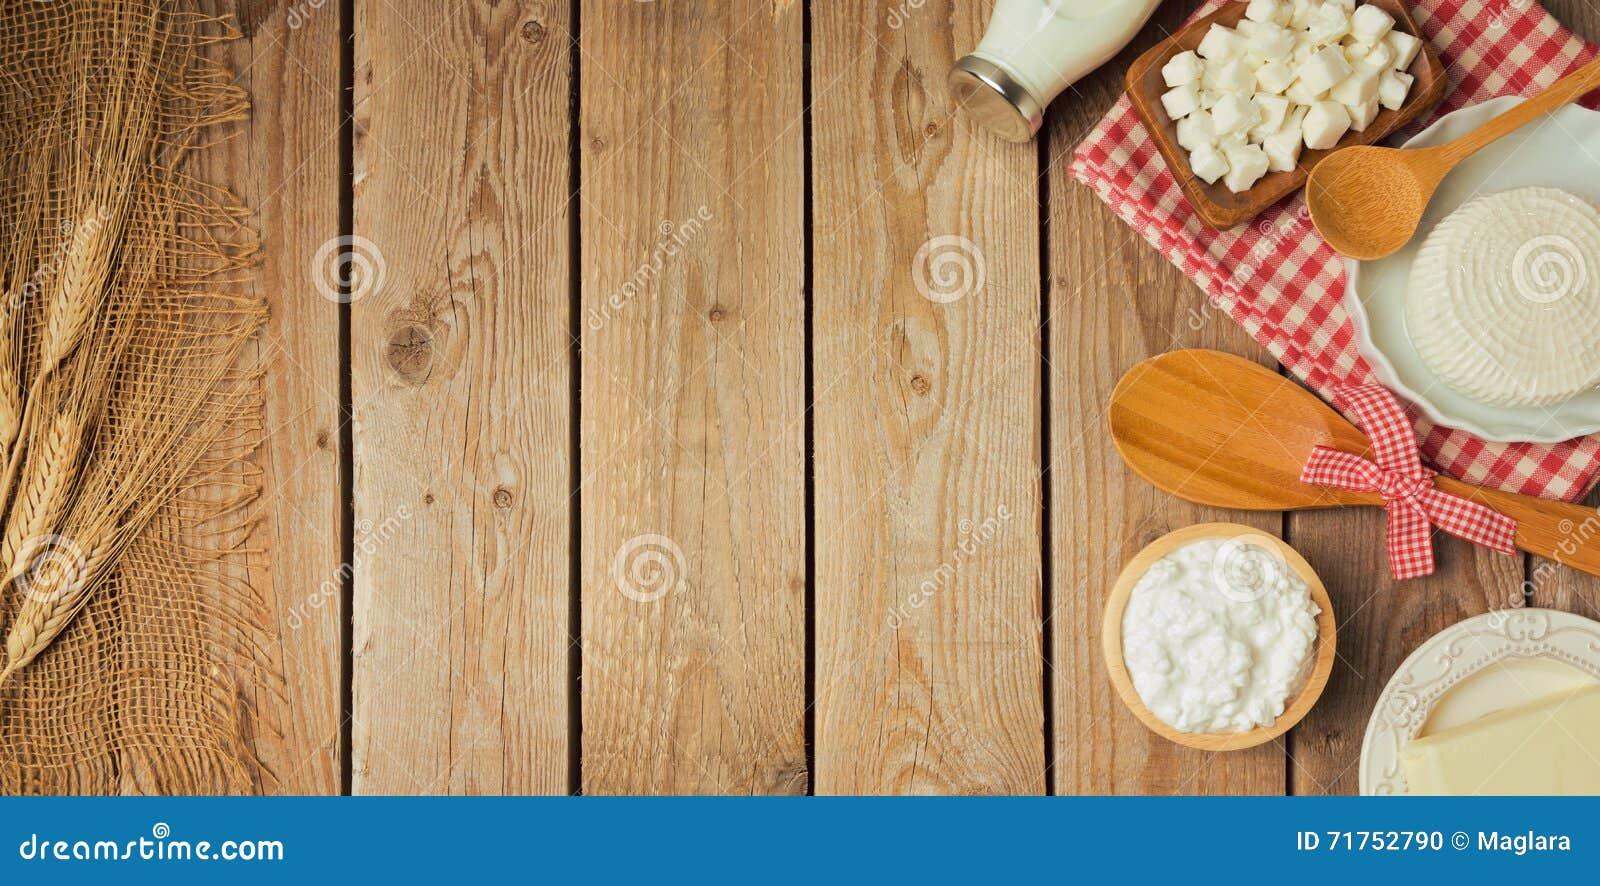 Αγροτικά φρέσκα γαλακτοκομικά προϊόντα στον ξύλινο πίνακα